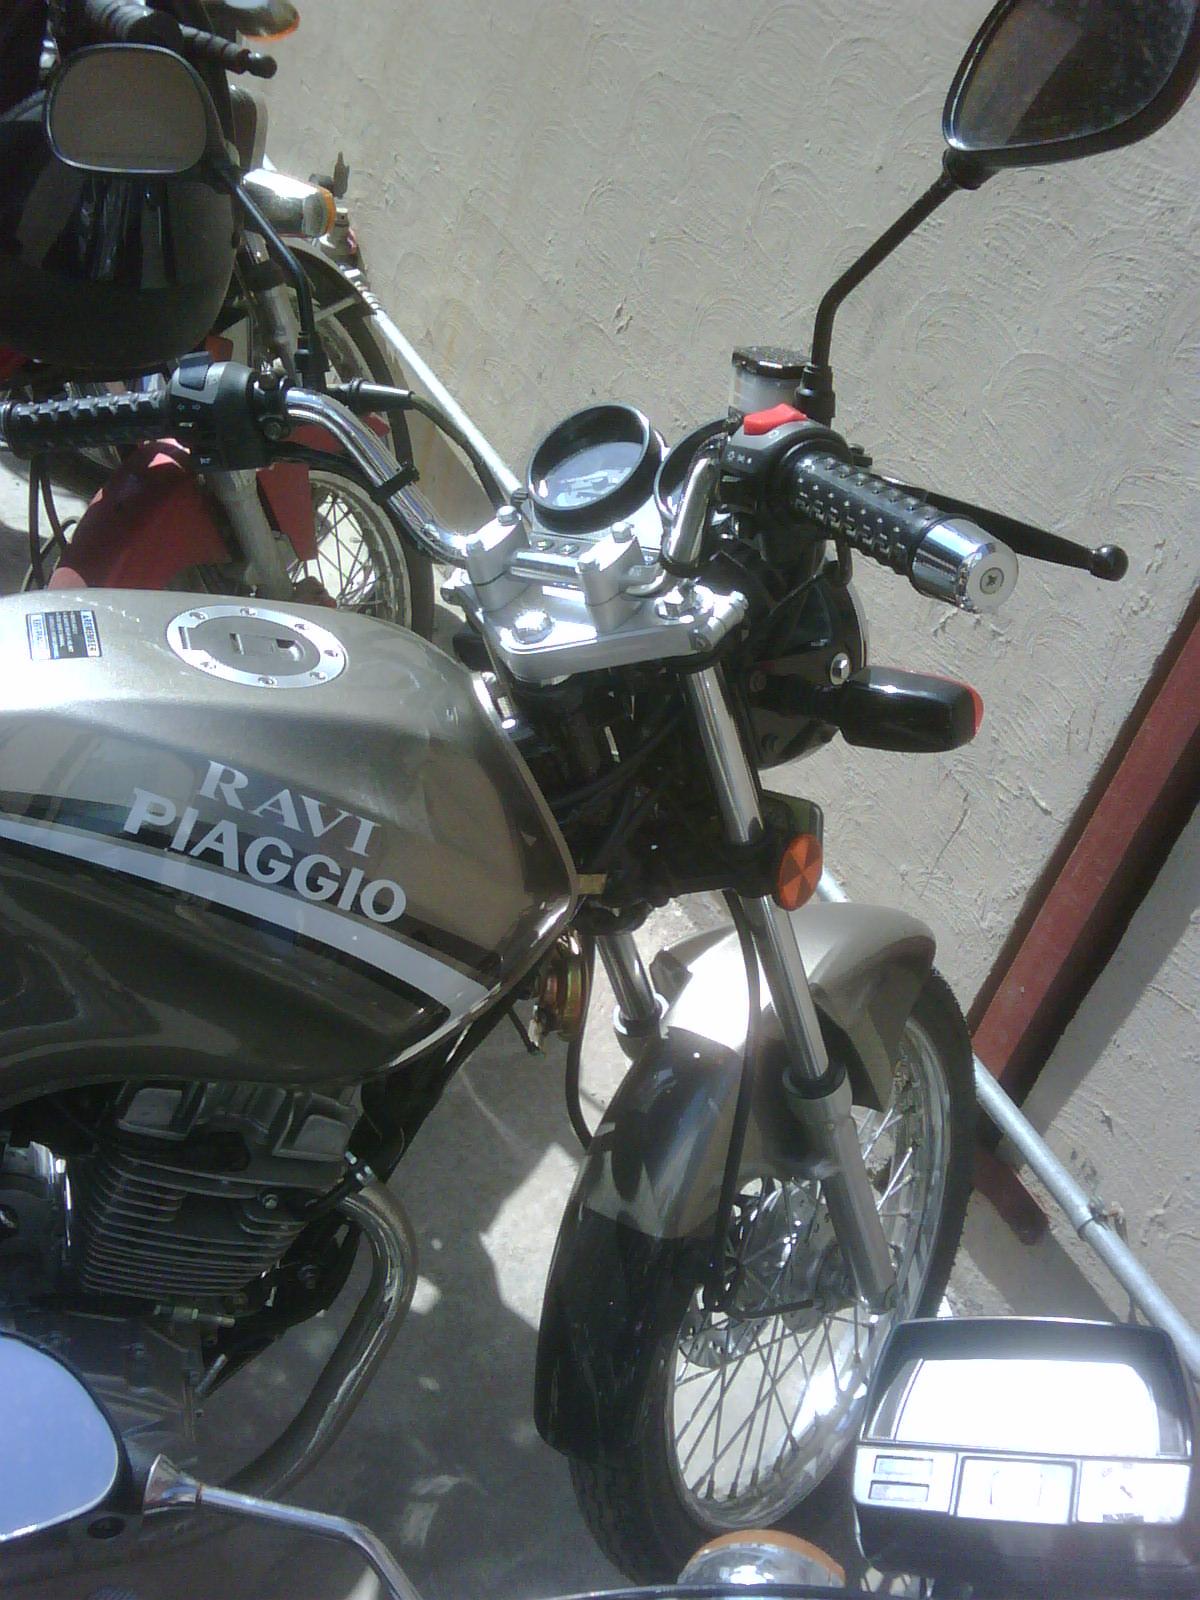 Ravi-Piaggio Storm-125 Euro II bike - ravi Piaggio 2011 384418